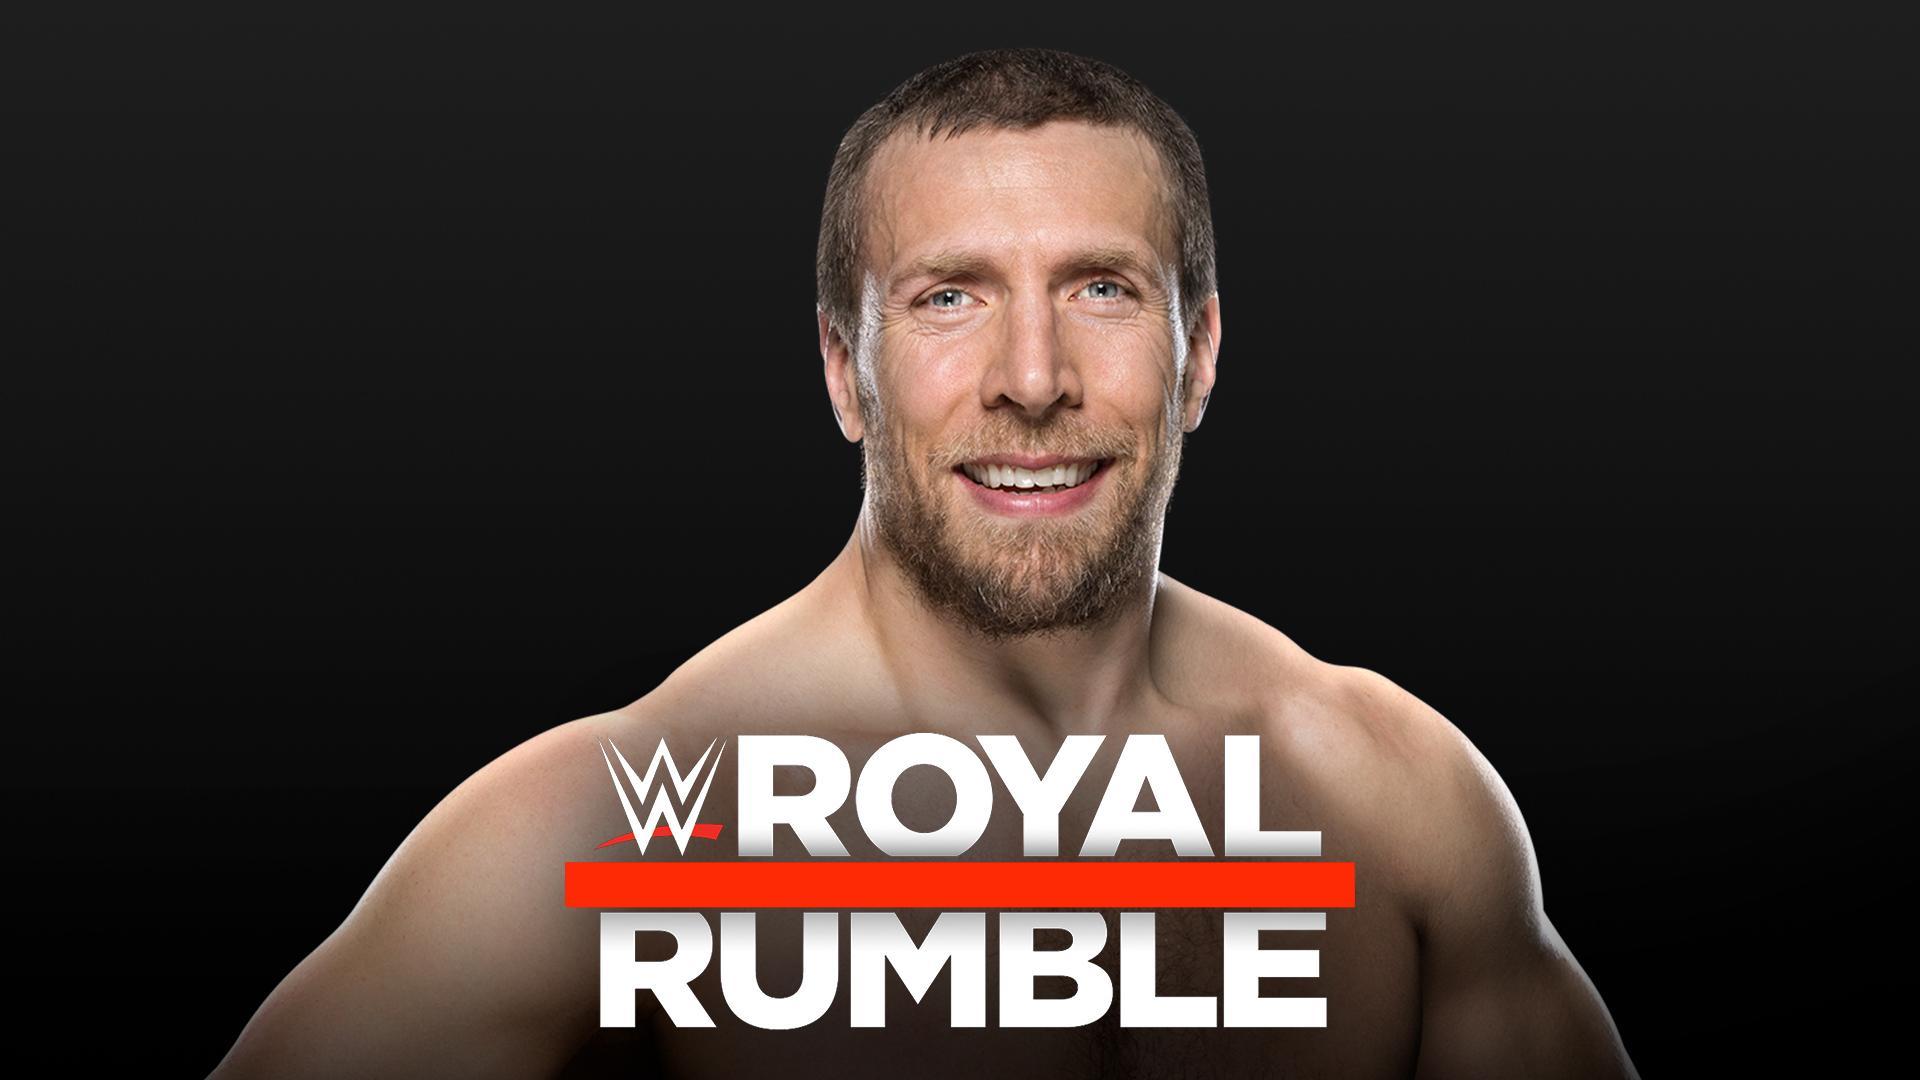 Daniel Bryan confirma sua participação na 30-Man Royal Rumble Match